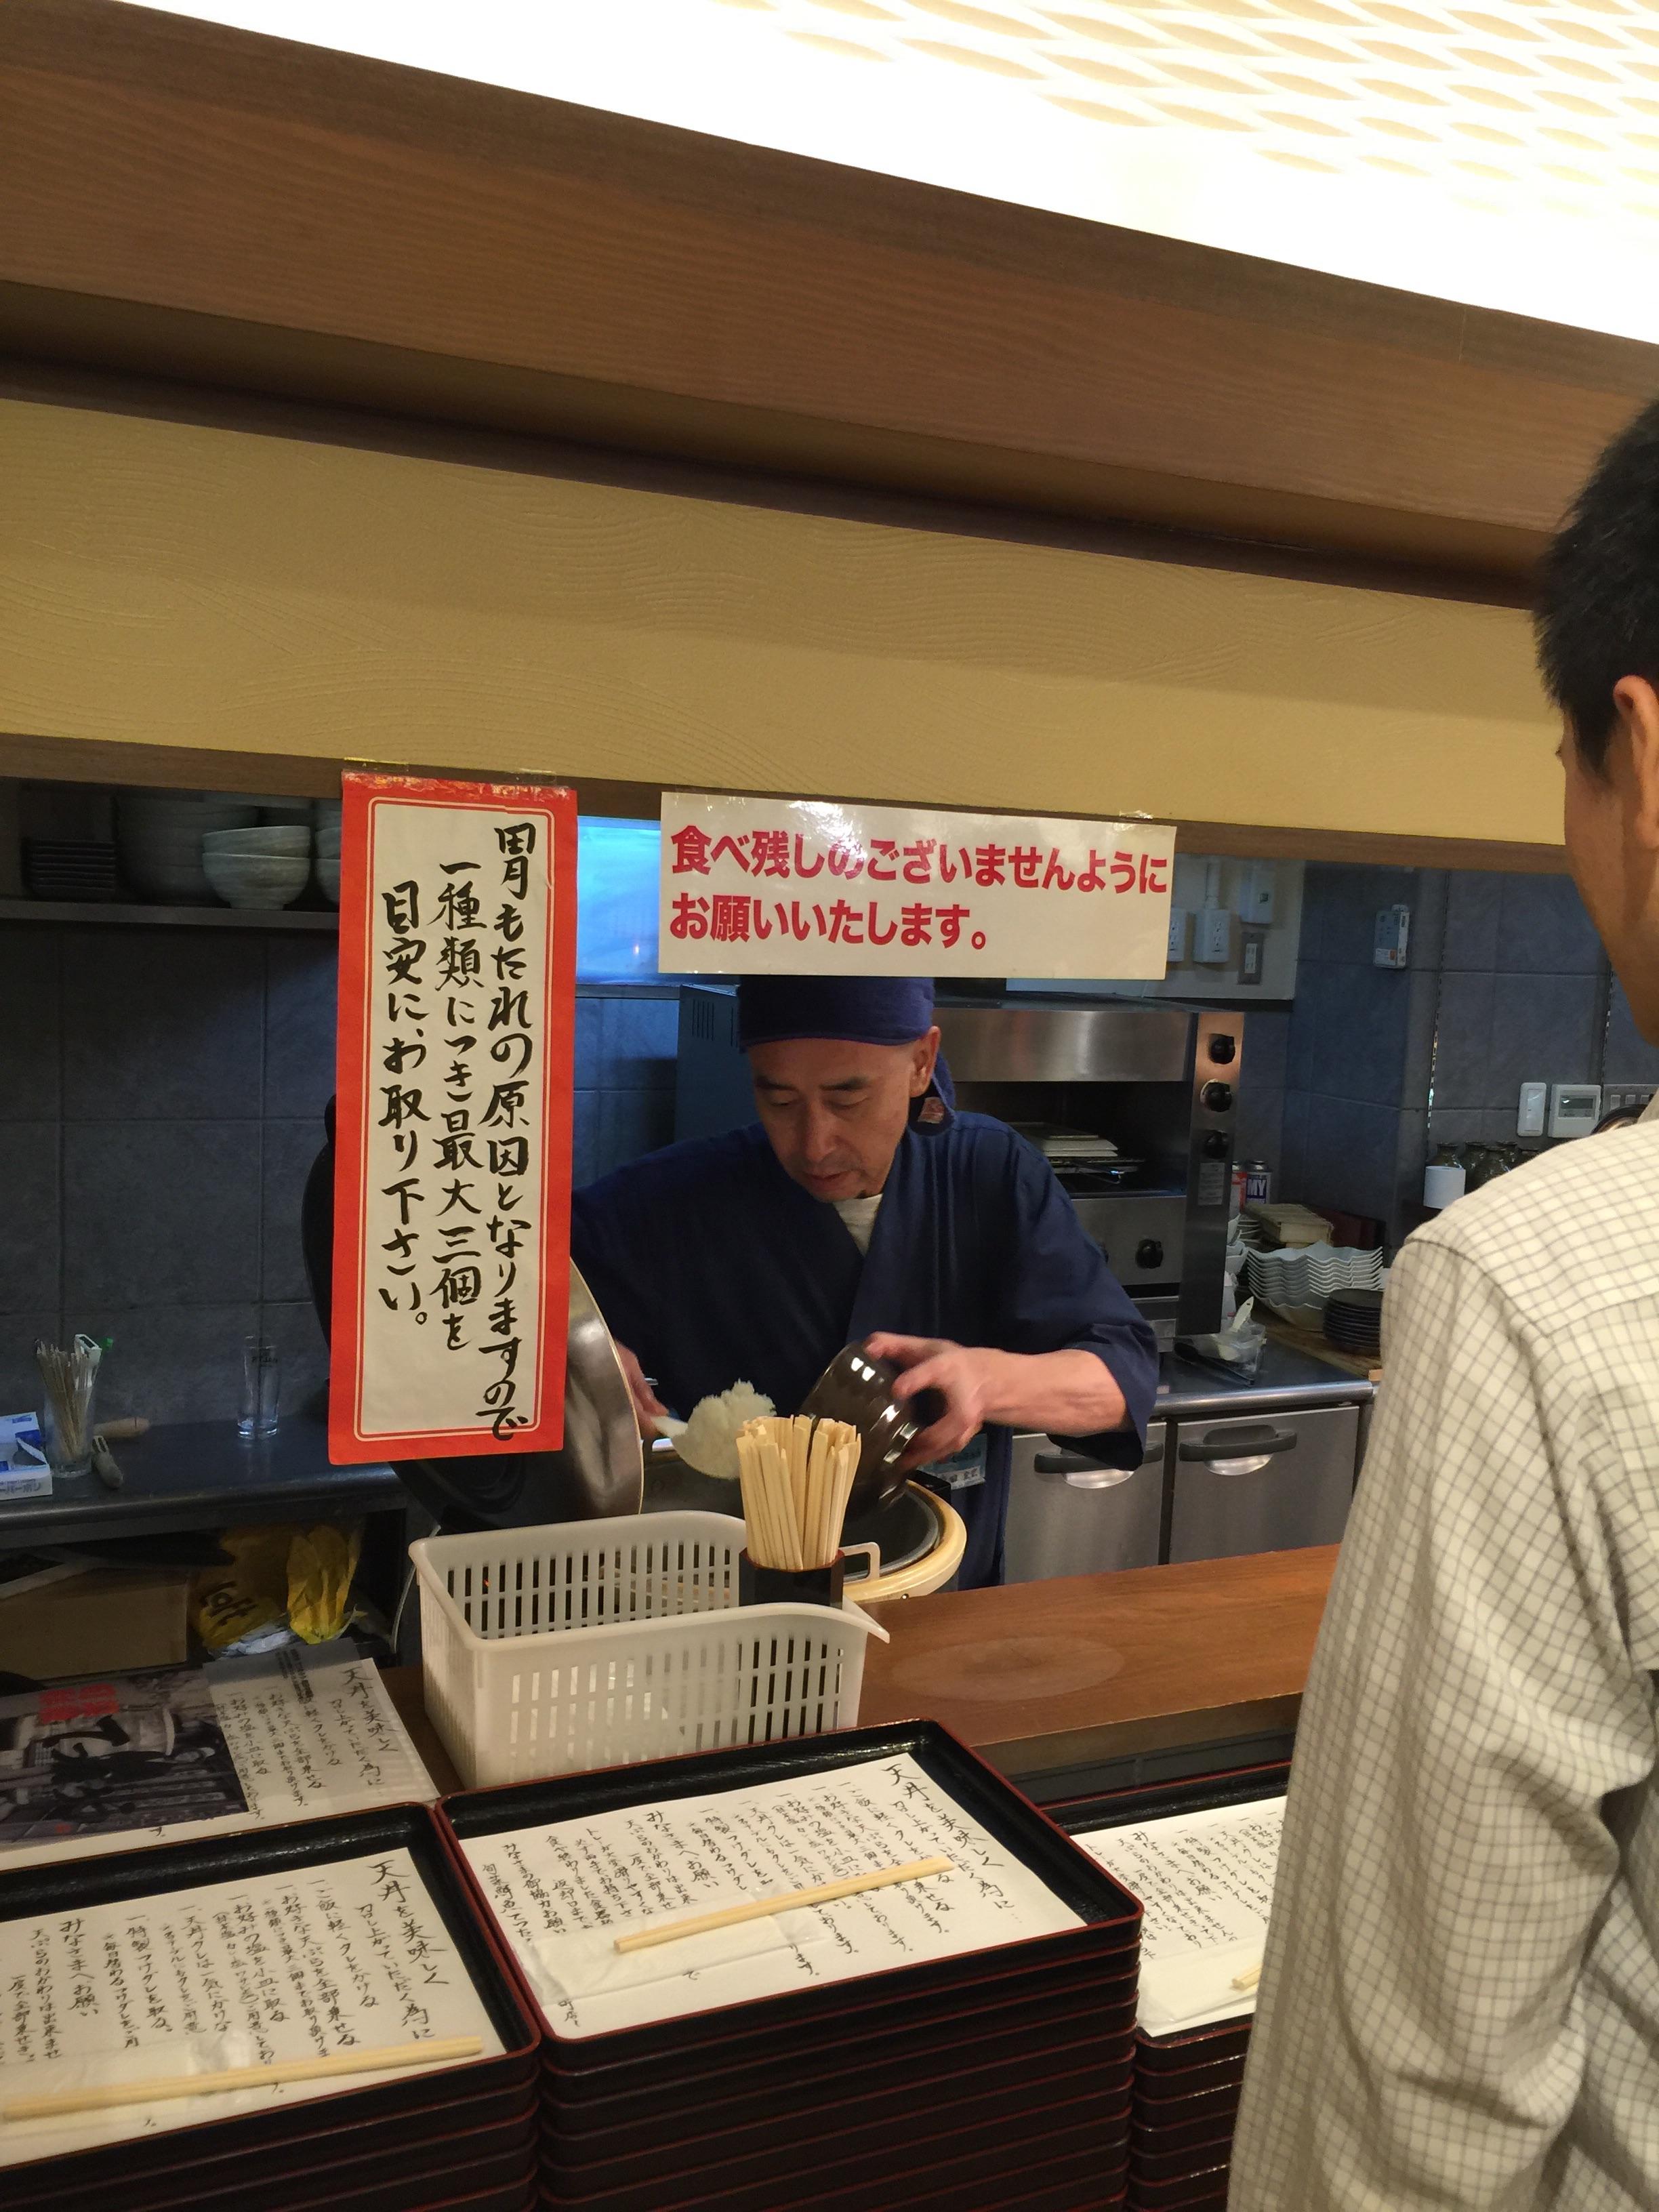 てつたろう 梅田中崎町店 注文方法